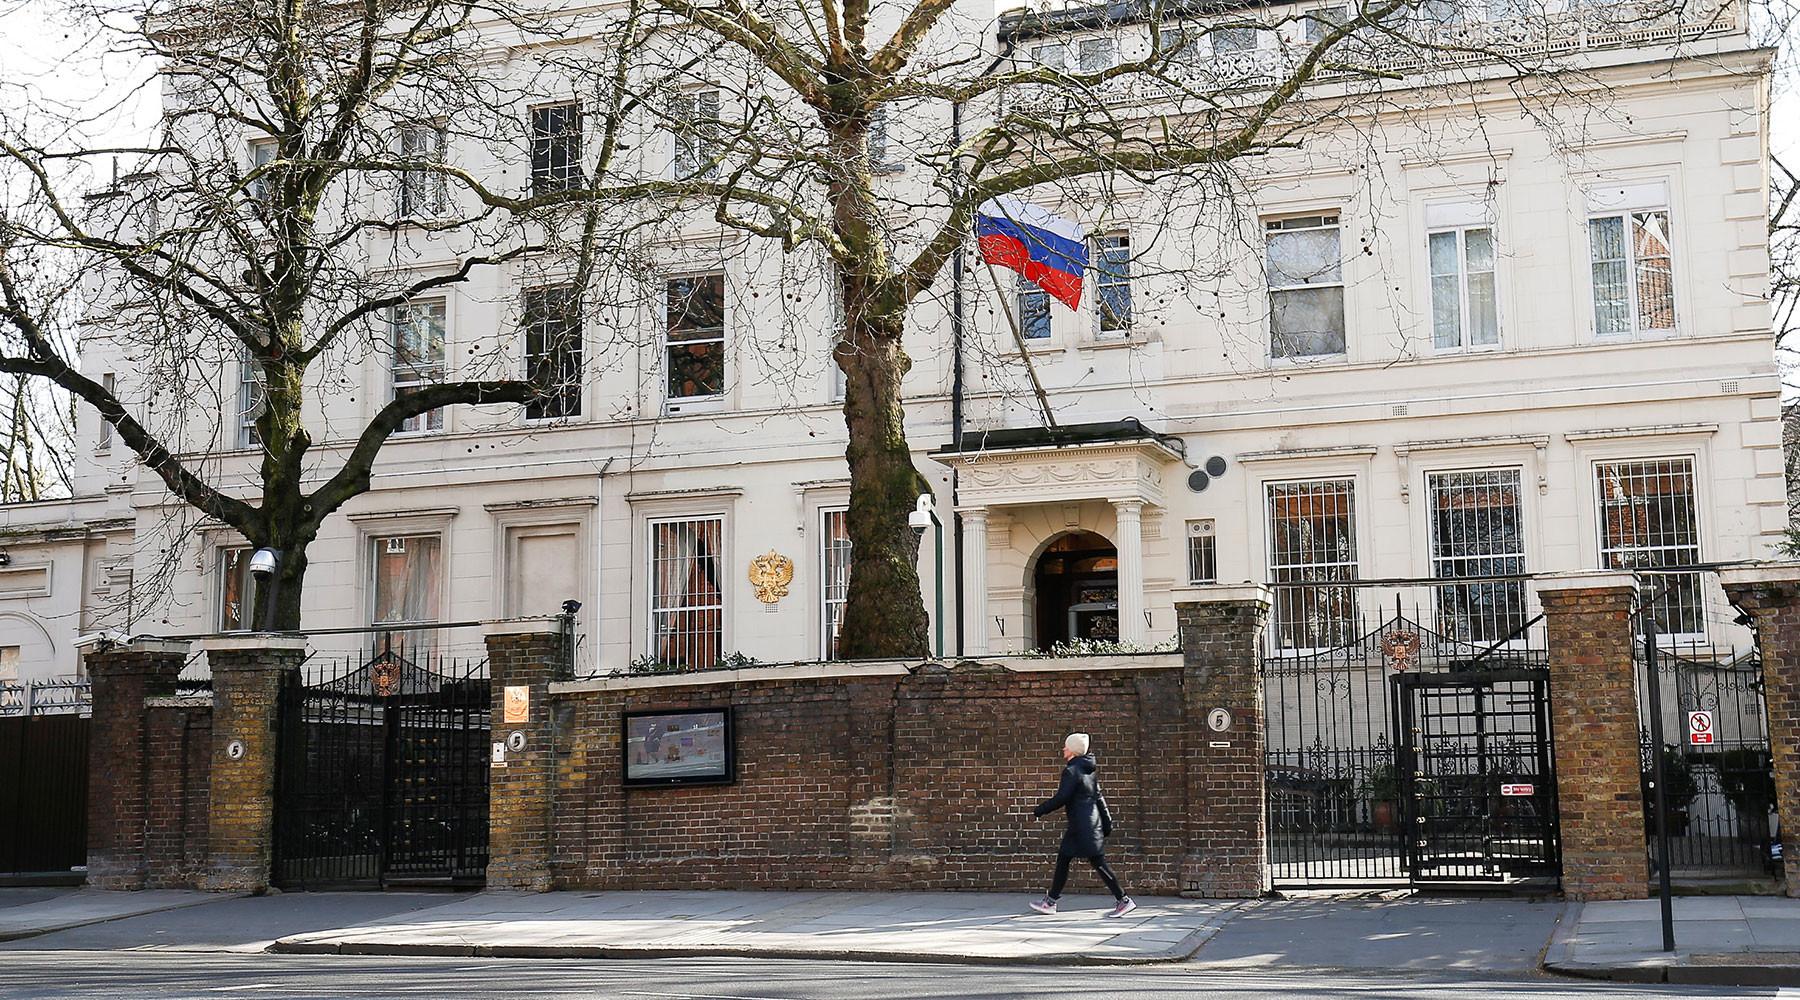 Посольство РФ в Великобритании заявило об отказе Лондона раскрывать местонахождение Юлии Скрипаль